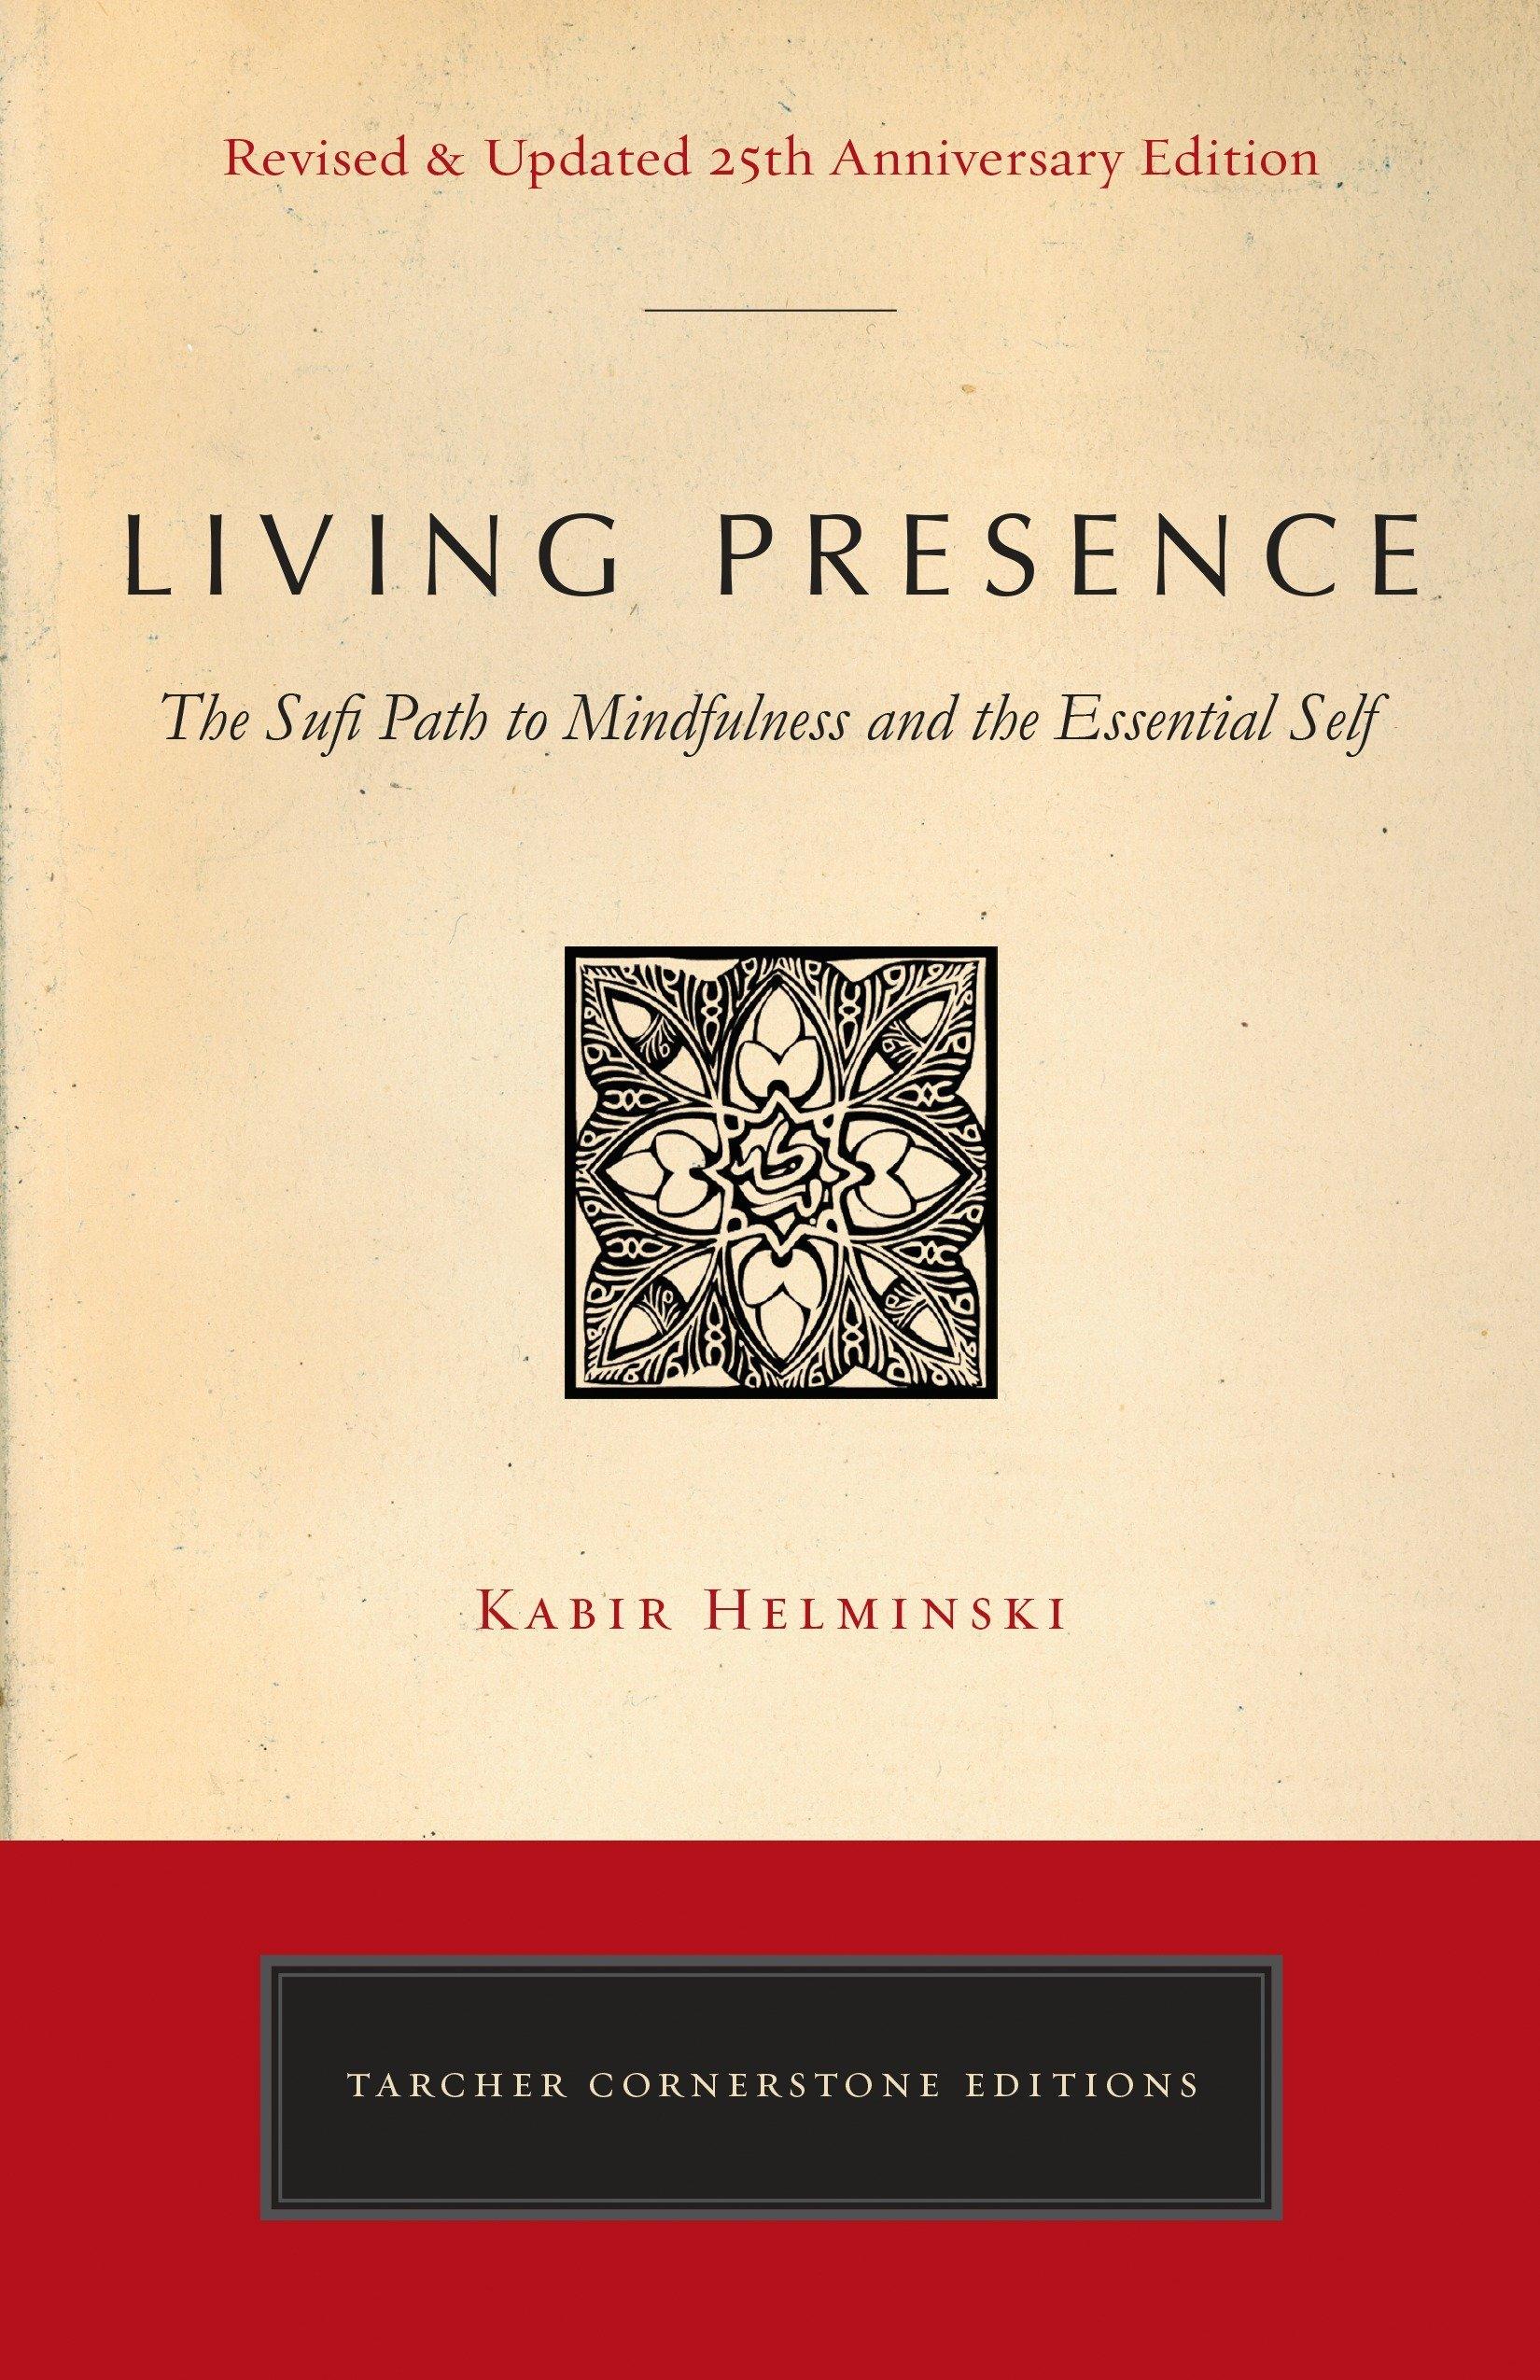 Image result for living presence kabir helminski